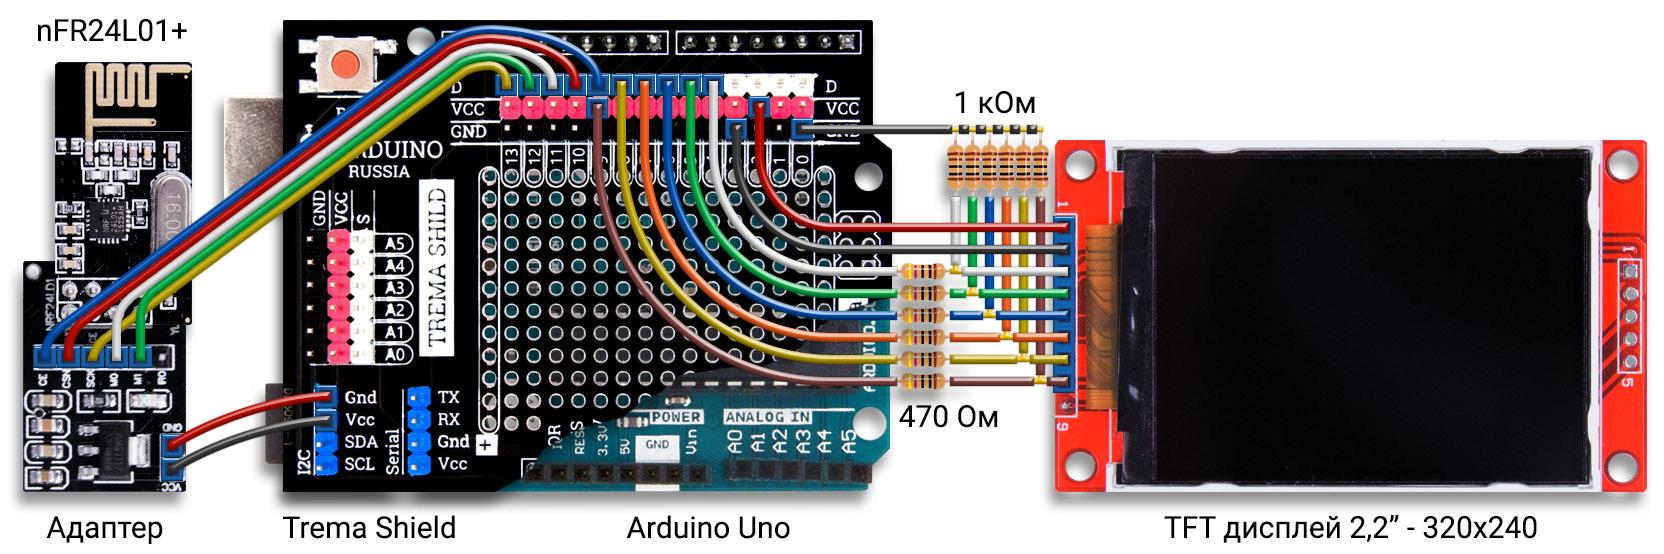 Сканер радиочастот на Arduino Uno